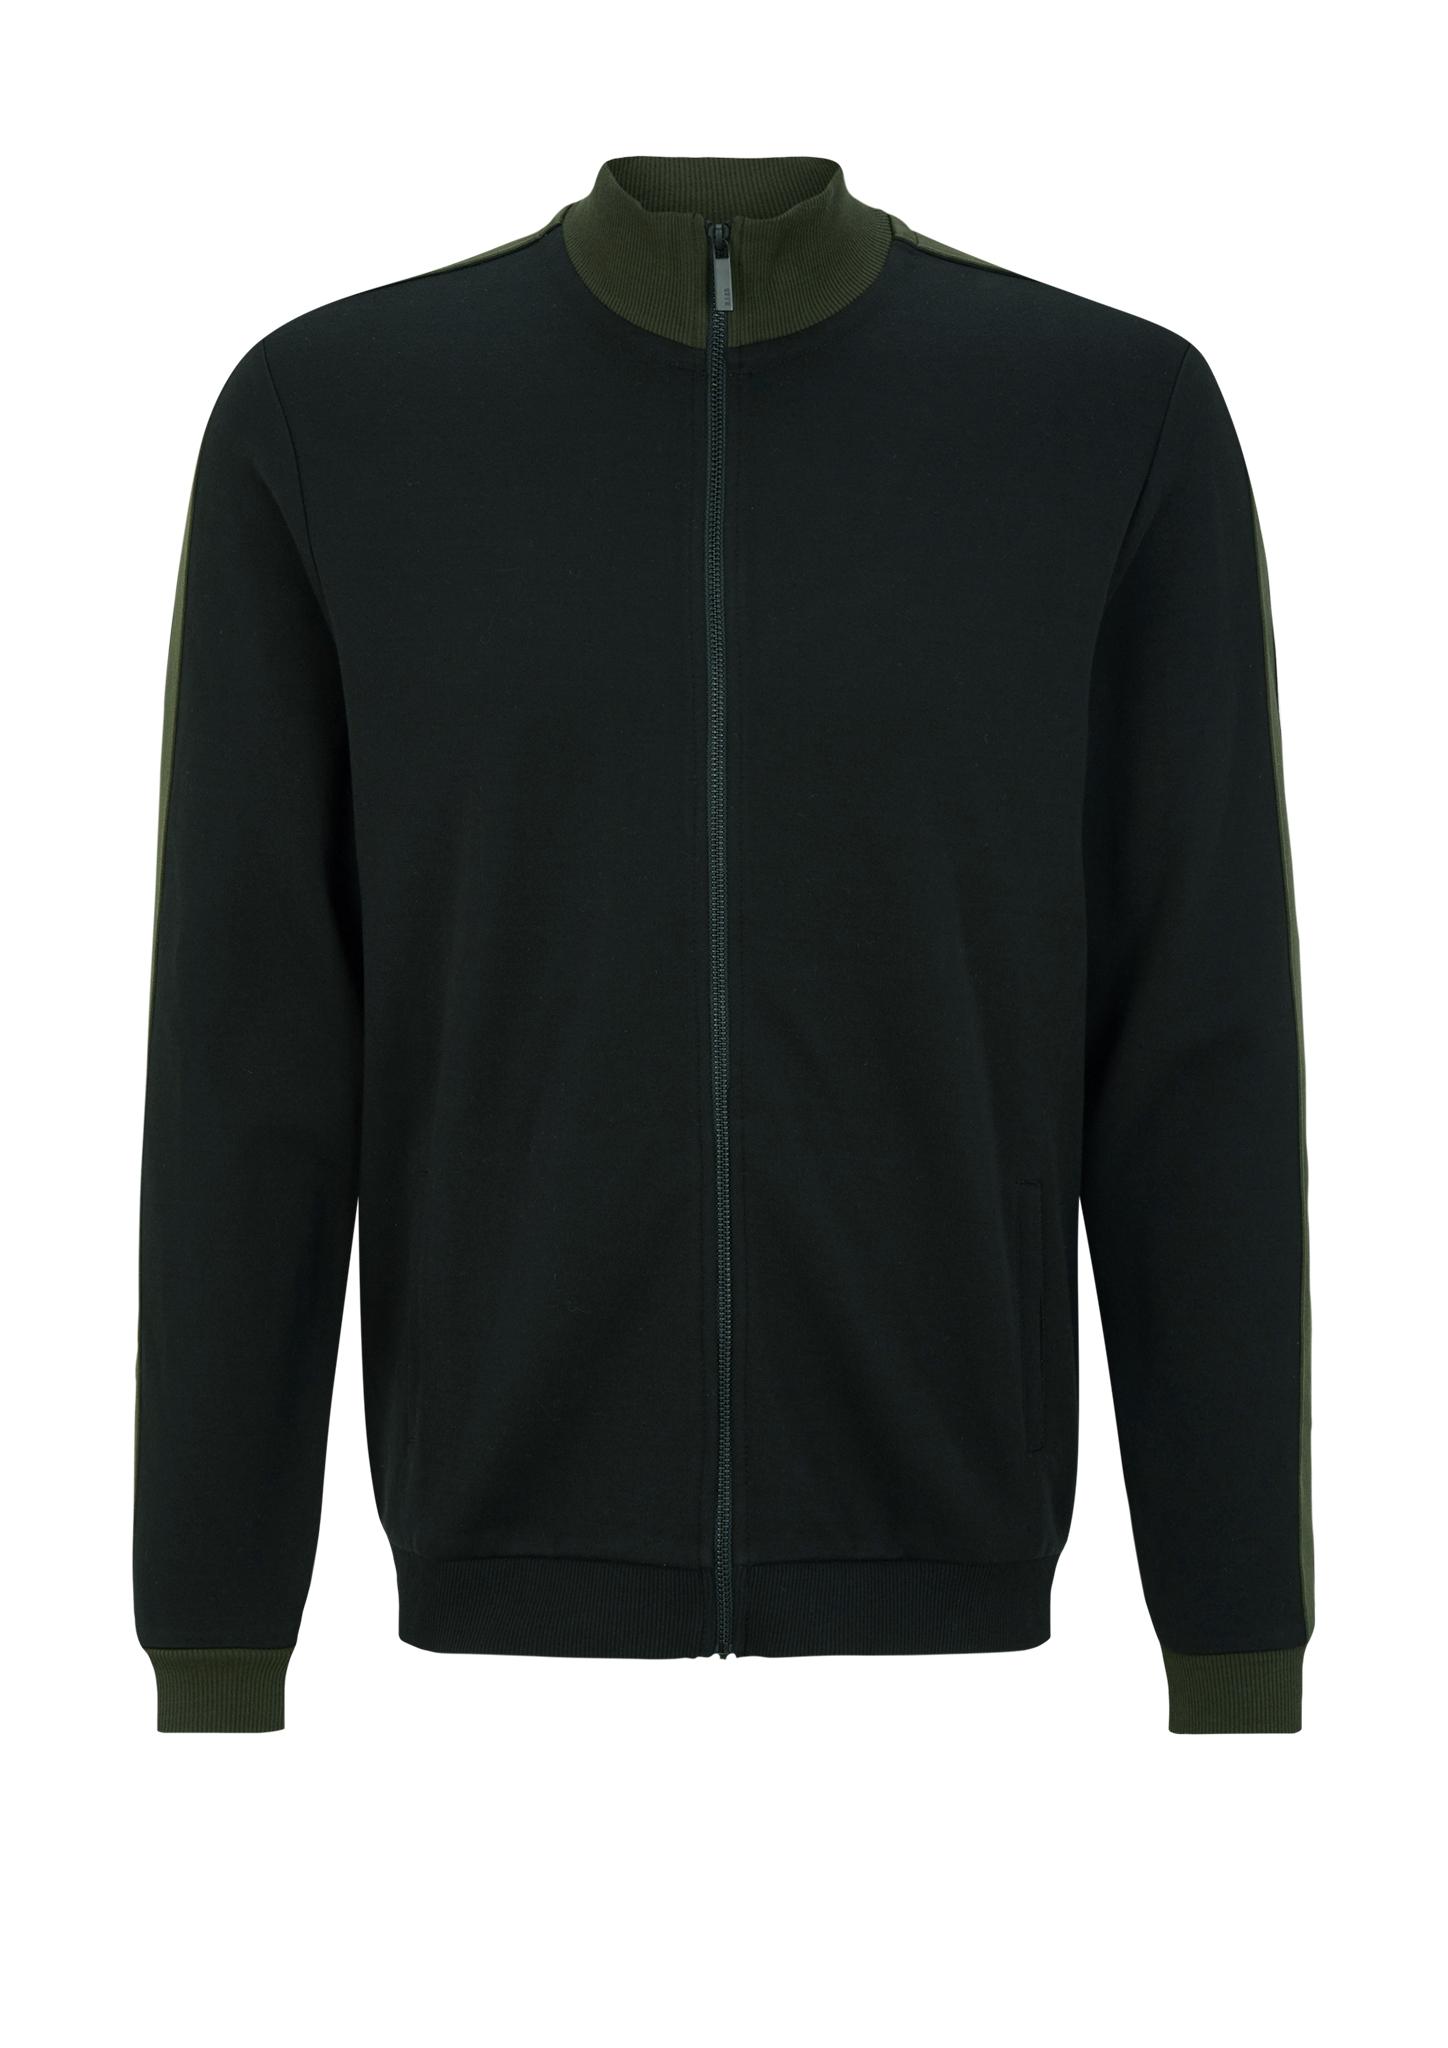 Sweatjacke   Bekleidung > Sweatshirts & -jacken > Sweatjacken   Grau/schwarz   92% baumwolle -  8% polyester   s.Oliver BLACK LABEL